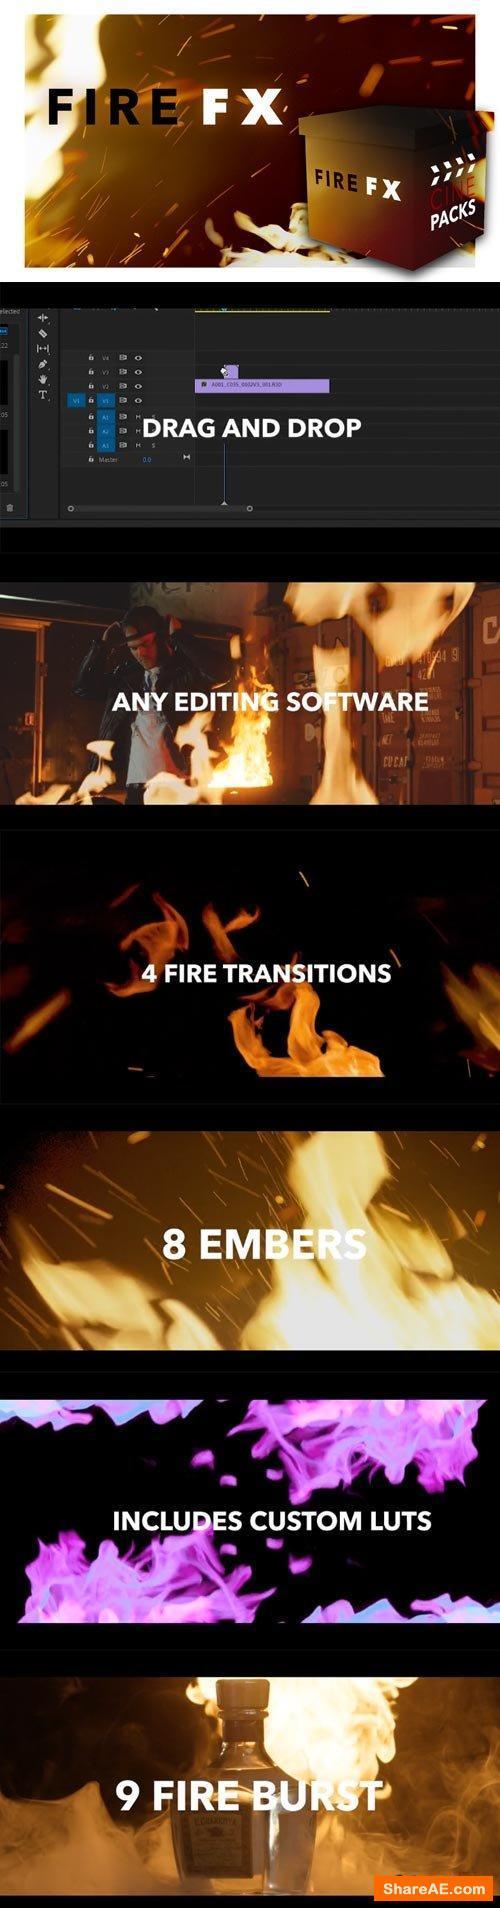 Fire FX - CinePacks